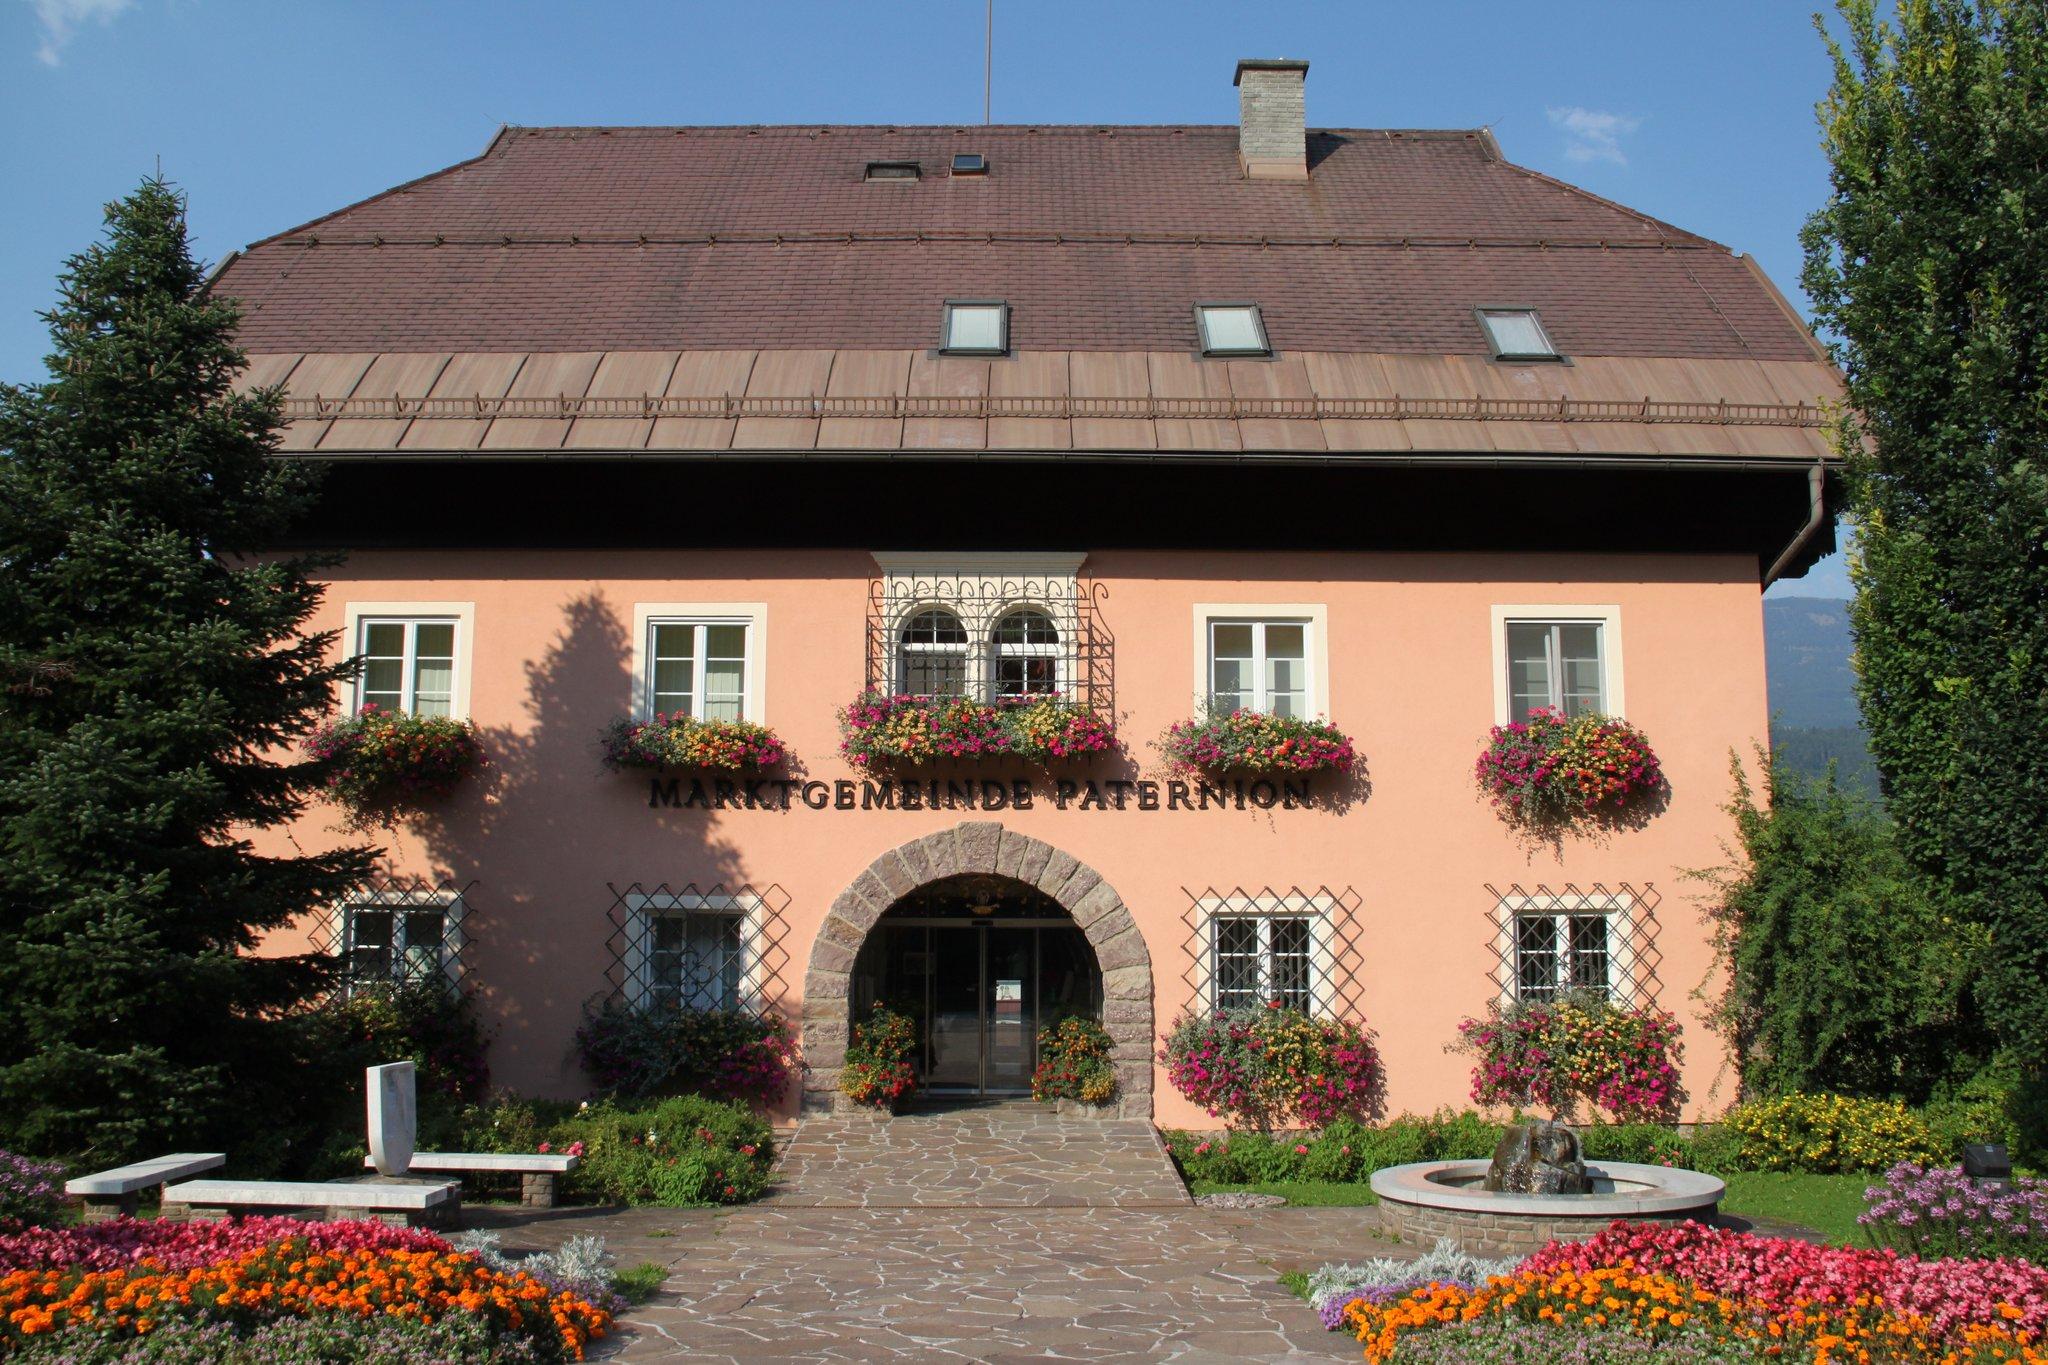 Gemeindekurier - Gemeinde Paternion